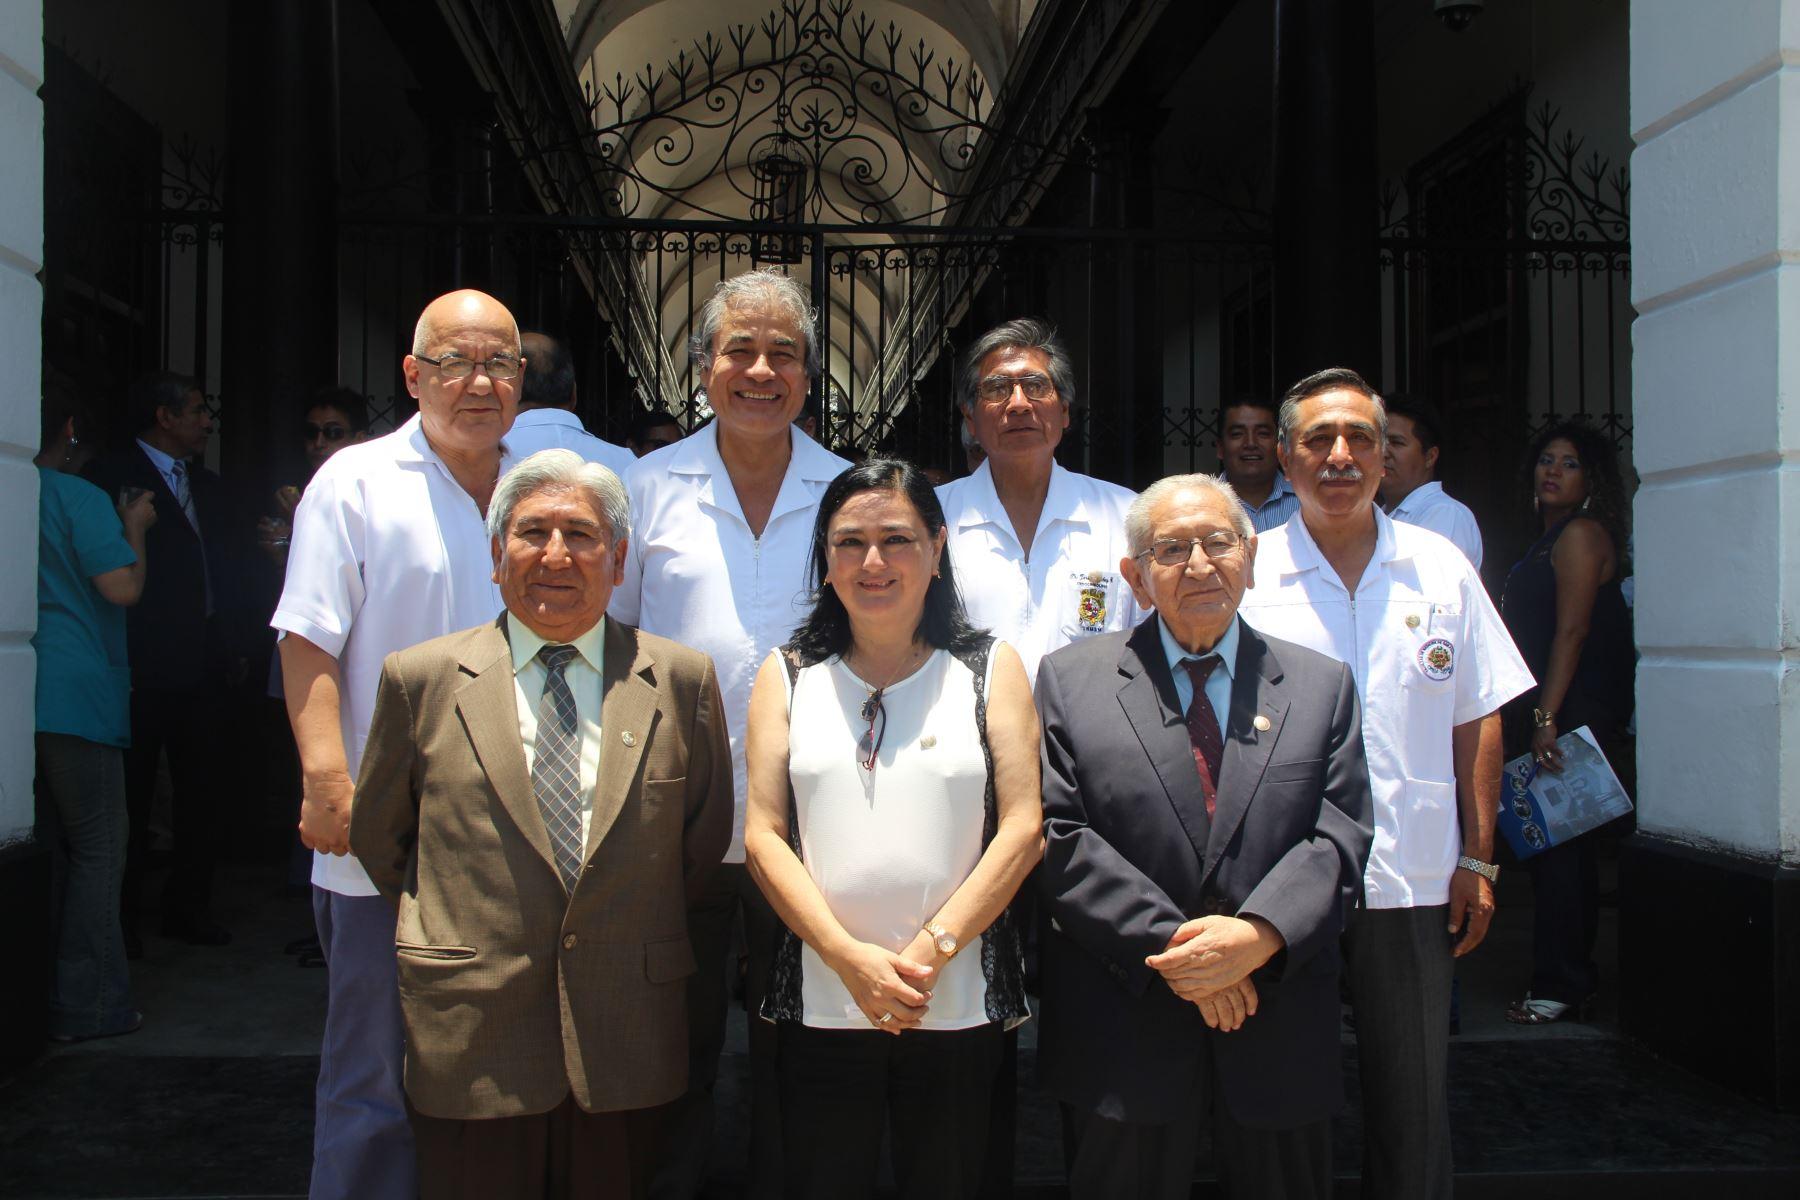 La directora general del Hospital Nacional Dos de Mayo,Rosario del Milagro Kiyohara, junto con el equipo de profesionales de salud con los que trabajó arduamente para enfrentar al covid-19.